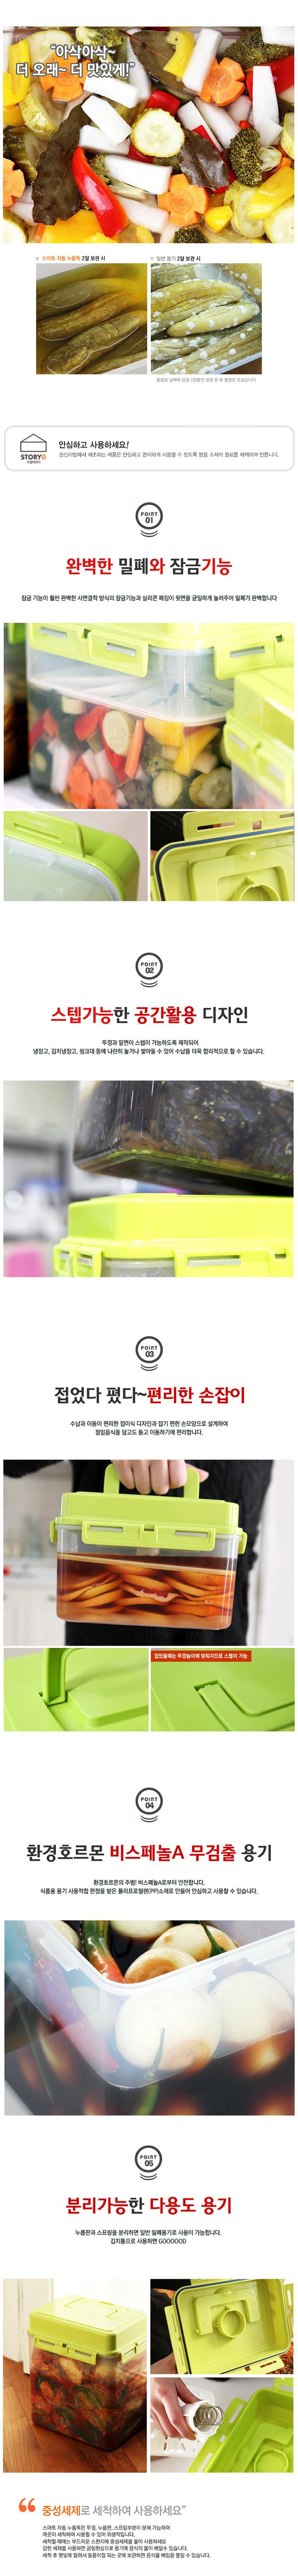 센스 스마트 자동 누름독 2.5L 2개세트 - 창신리빙, 12,500원, 밀폐/보관용기, 반찬/밀폐용기